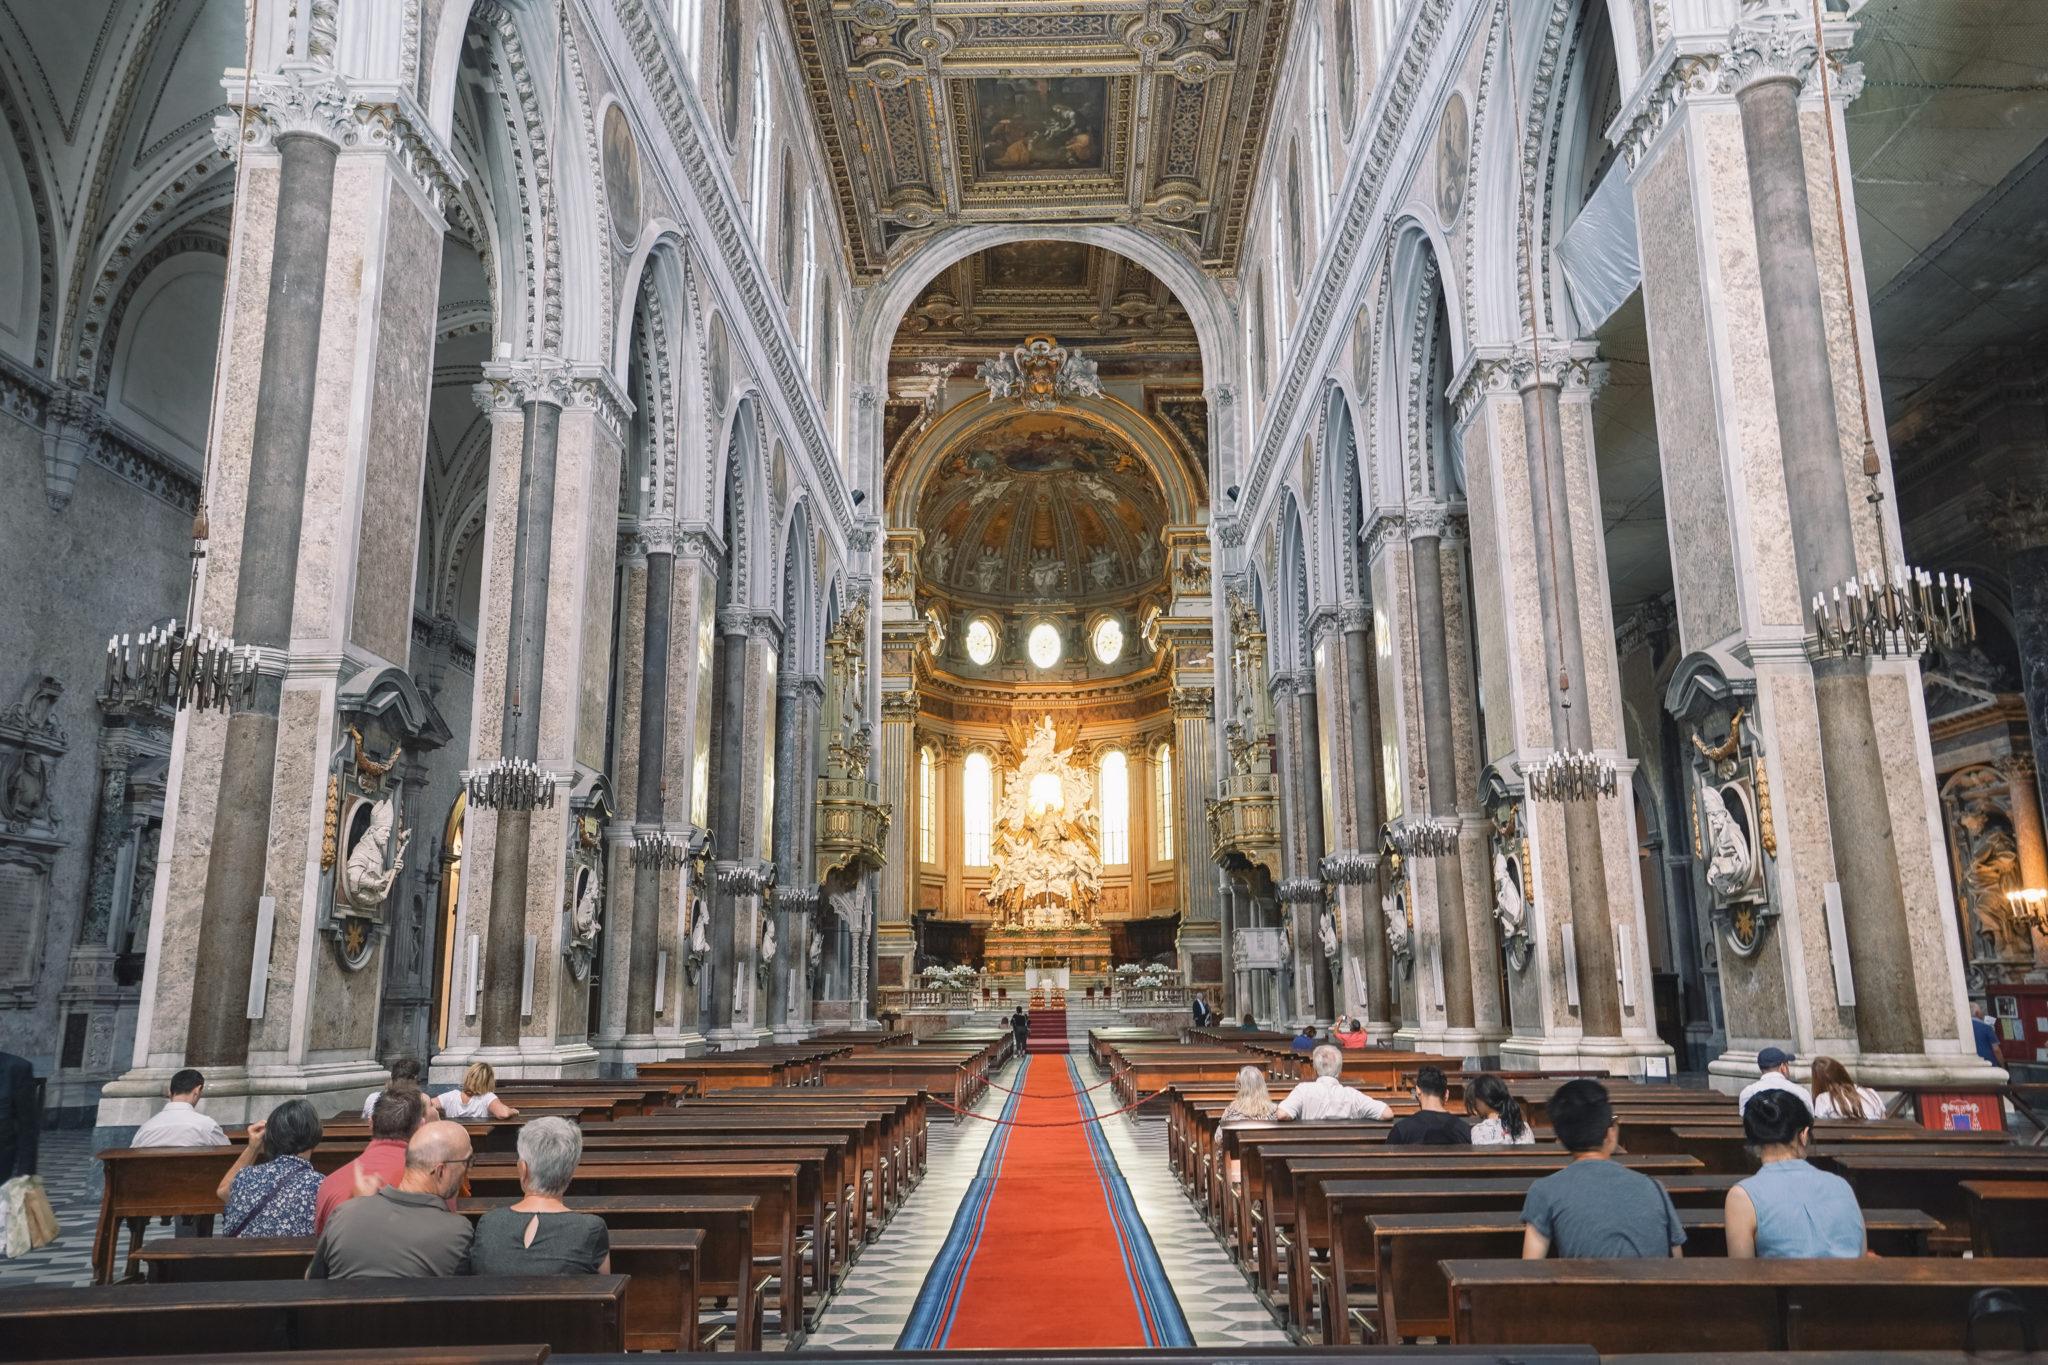 Naples-visite-city-guide-duomo